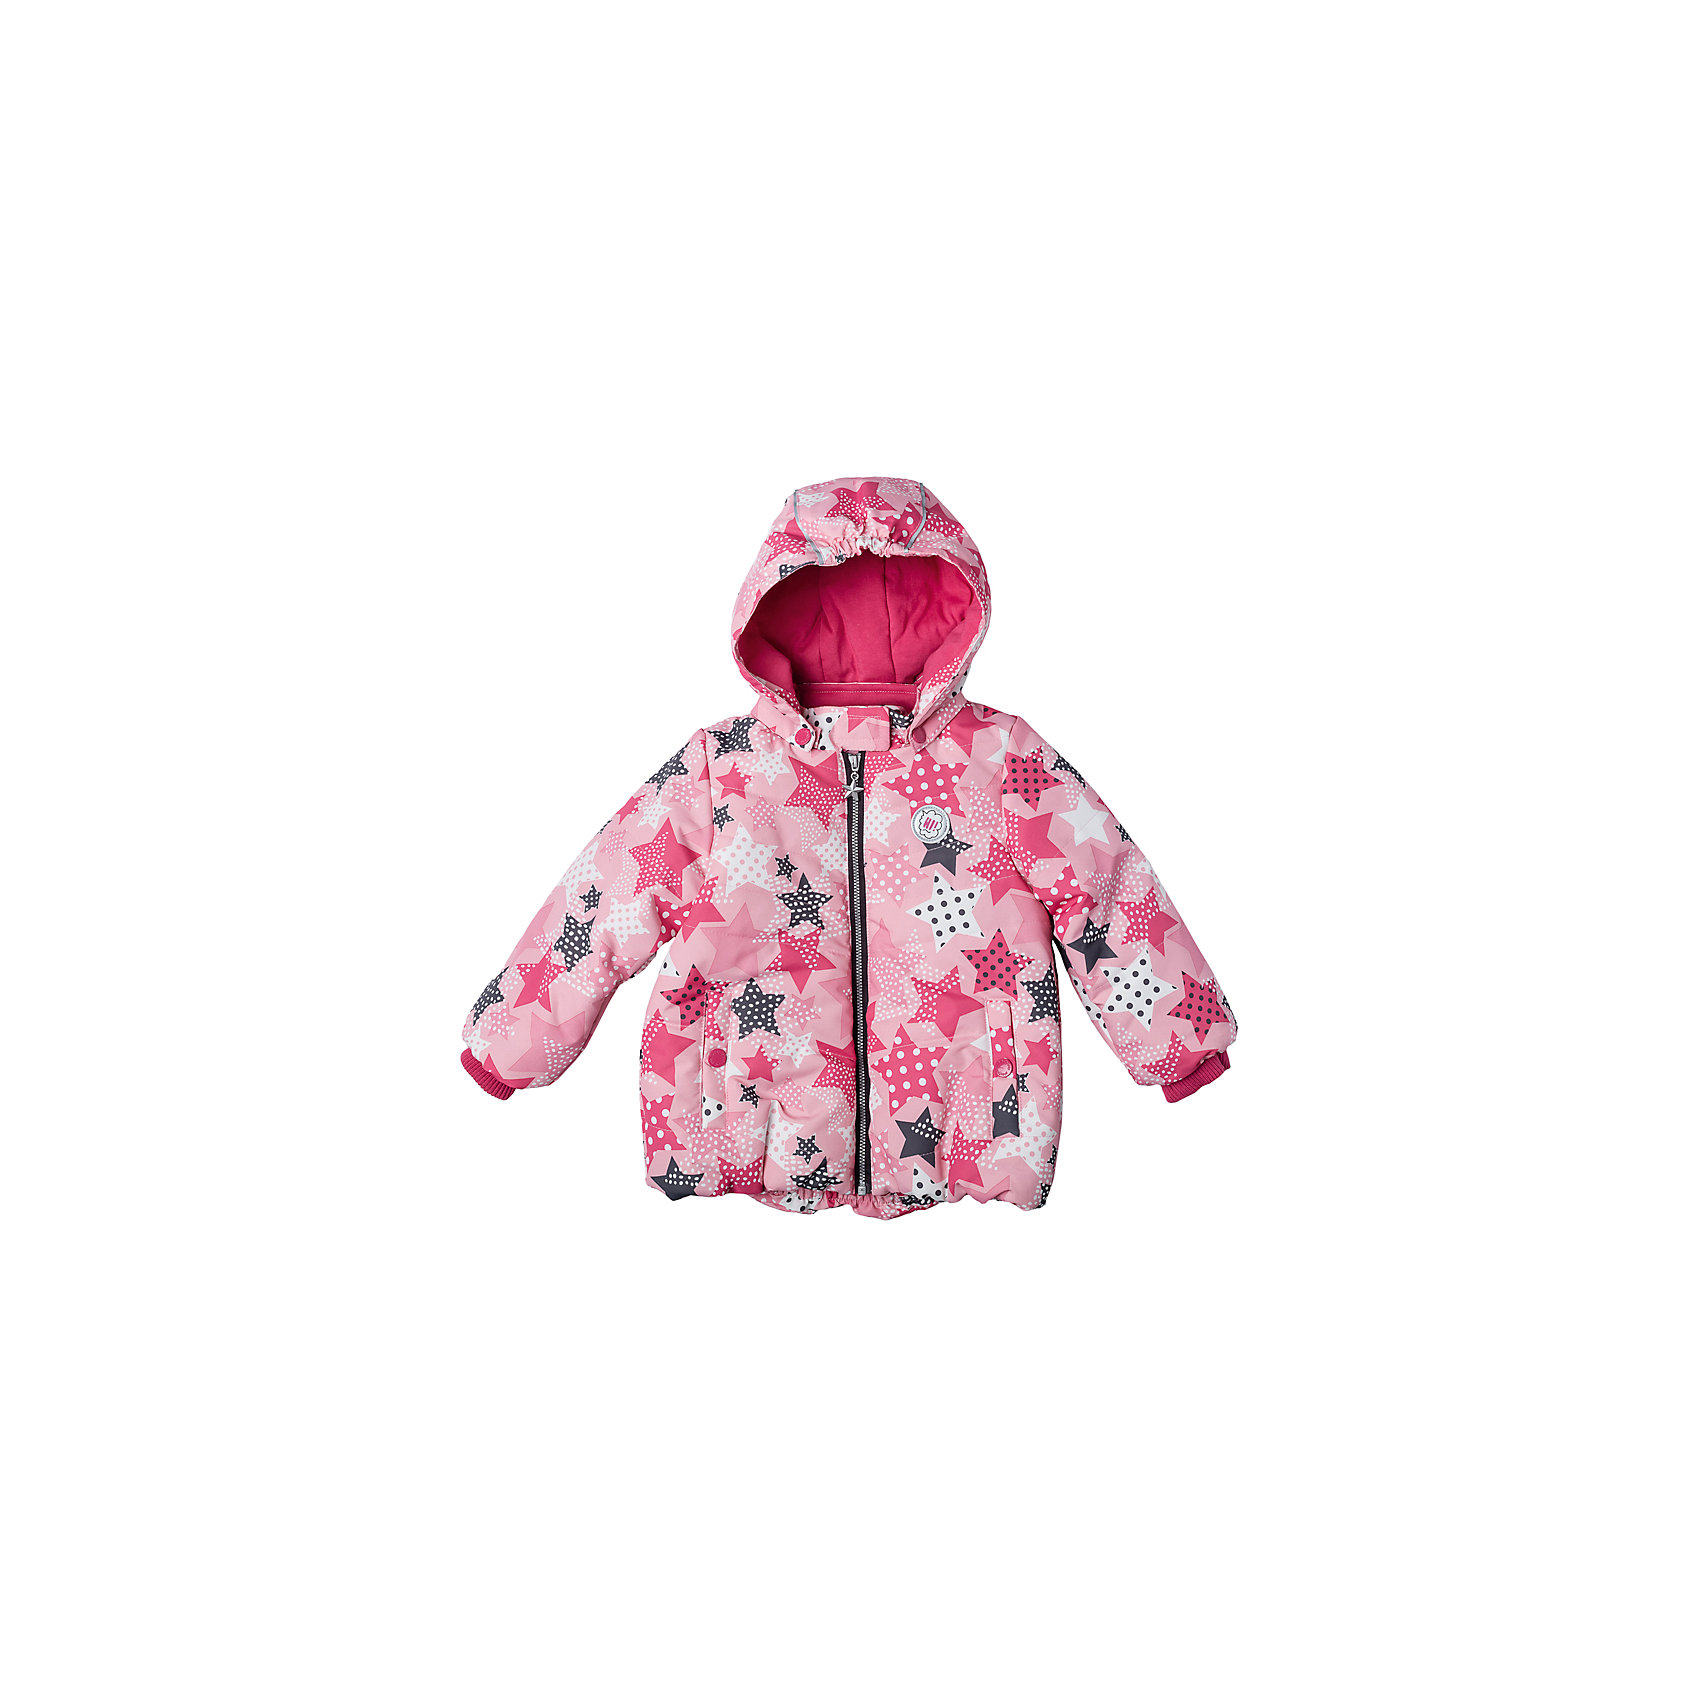 Куртка для девочки PlayTodayКуртка для девочки PlayToday<br>Практичная утепленная куртка с капюшоном со специальной водоотталкивающей пропиткой защитит Вашего ребенка в любую погоду! Мягкие трикотажные резинки на рукавах защитят Вашего ребенка - ветер не сможет проникнуть под куртку.  Специальный карман для фиксации застежки-молнии не позволит застежке травмировать нежную детскую кожу. Мягкая резинка на капюшоне не позволит ему упасть с головы вашего ребенка даже во время активных игр.Преимущества: Защита подбородка. Специальный карман для фиксации застежки-молнии. Наличие данного кармана не позволит застежке -молнии травмировать нежную кожу ребенкаКапюшон на мягкой резинкеВодоооталкивающая пропитка<br>Состав:<br>Верх: 100% полиэстер, подкладка: 80% хлопок, 20% полиэстер, Утеплитель 100% полиэстер, 150 г/м2<br><br>Ширина мм: 356<br>Глубина мм: 10<br>Высота мм: 245<br>Вес г: 519<br>Цвет: разноцветный<br>Возраст от месяцев: 18<br>Возраст до месяцев: 24<br>Пол: Женский<br>Возраст: Детский<br>Размер: 92,74,80,86<br>SKU: 5408074